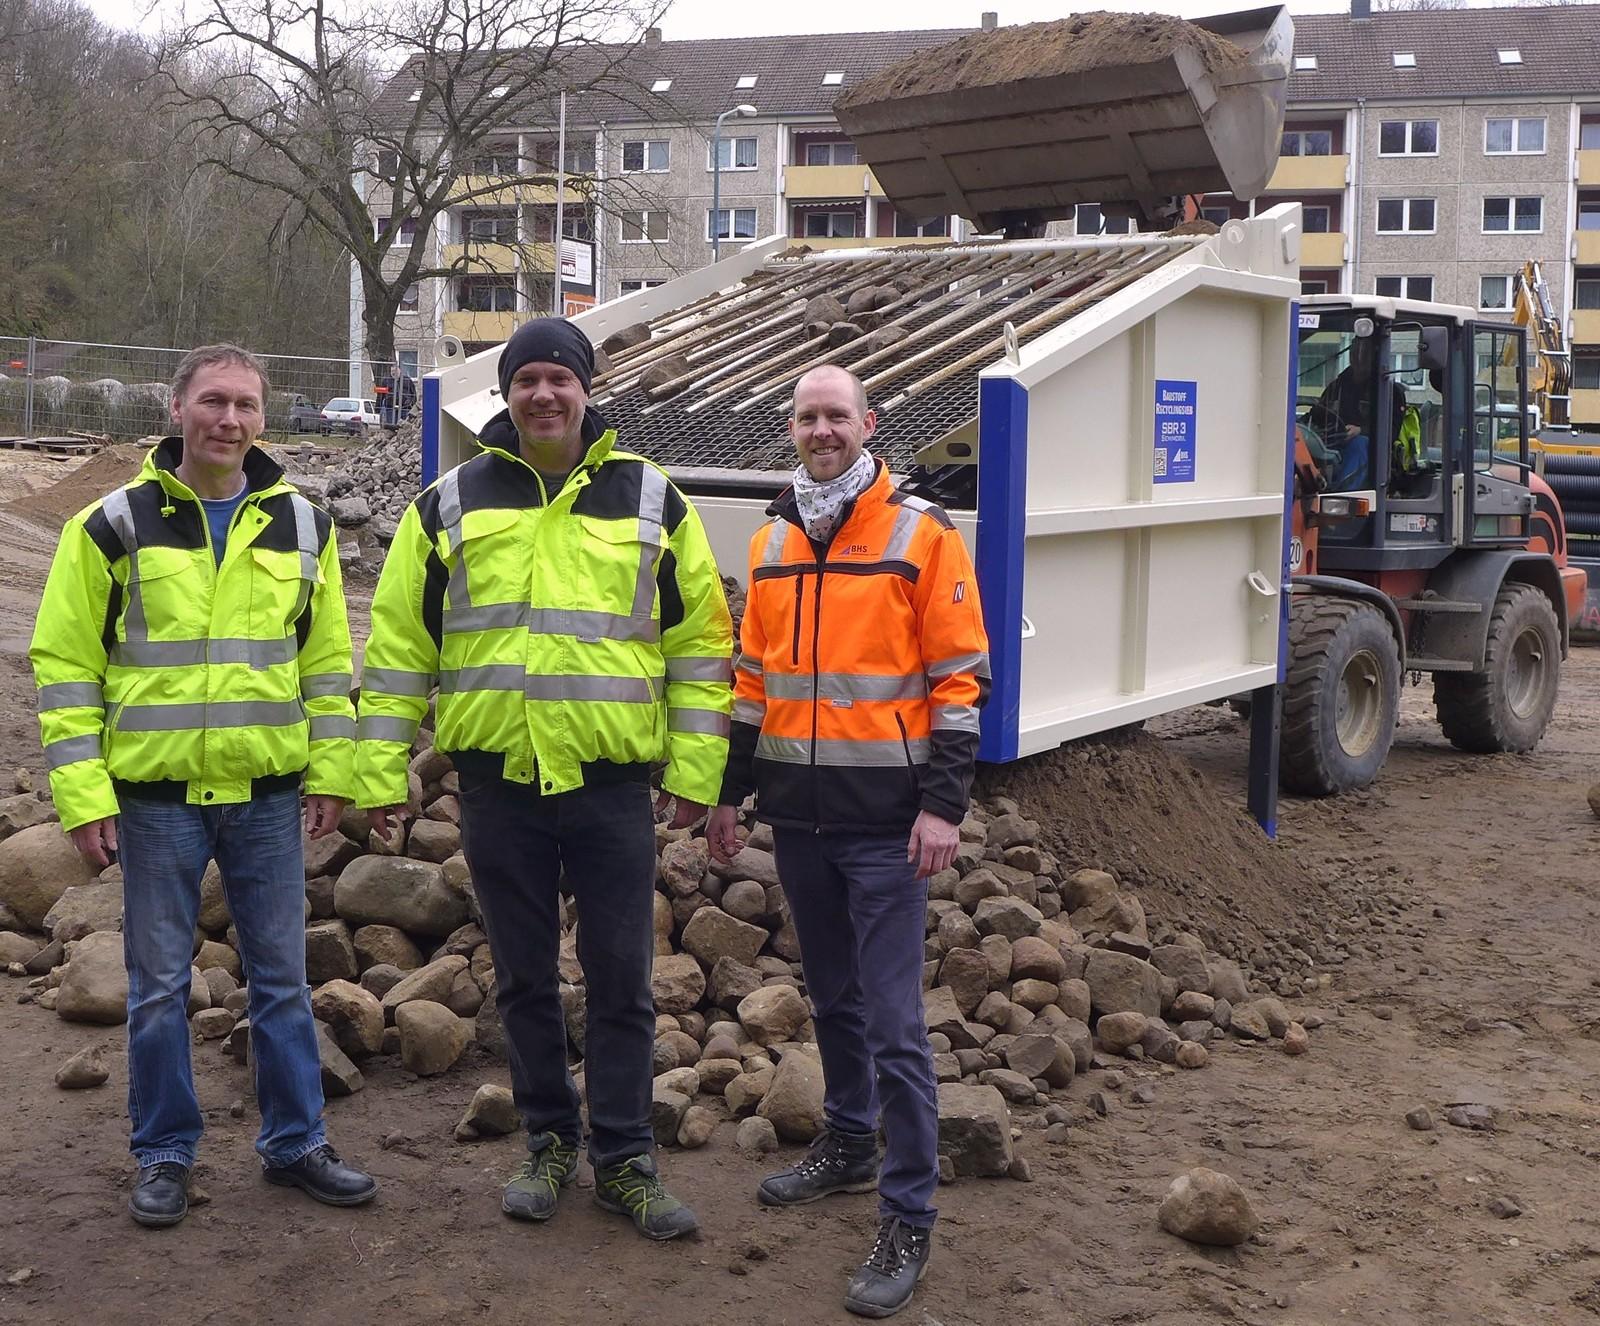 Ronald Engelke und Lars Pagel bei der Übergabe/Inbetriebnahme der SBR 3 gemeinsam mit Florian Schmellenkamp (r.).